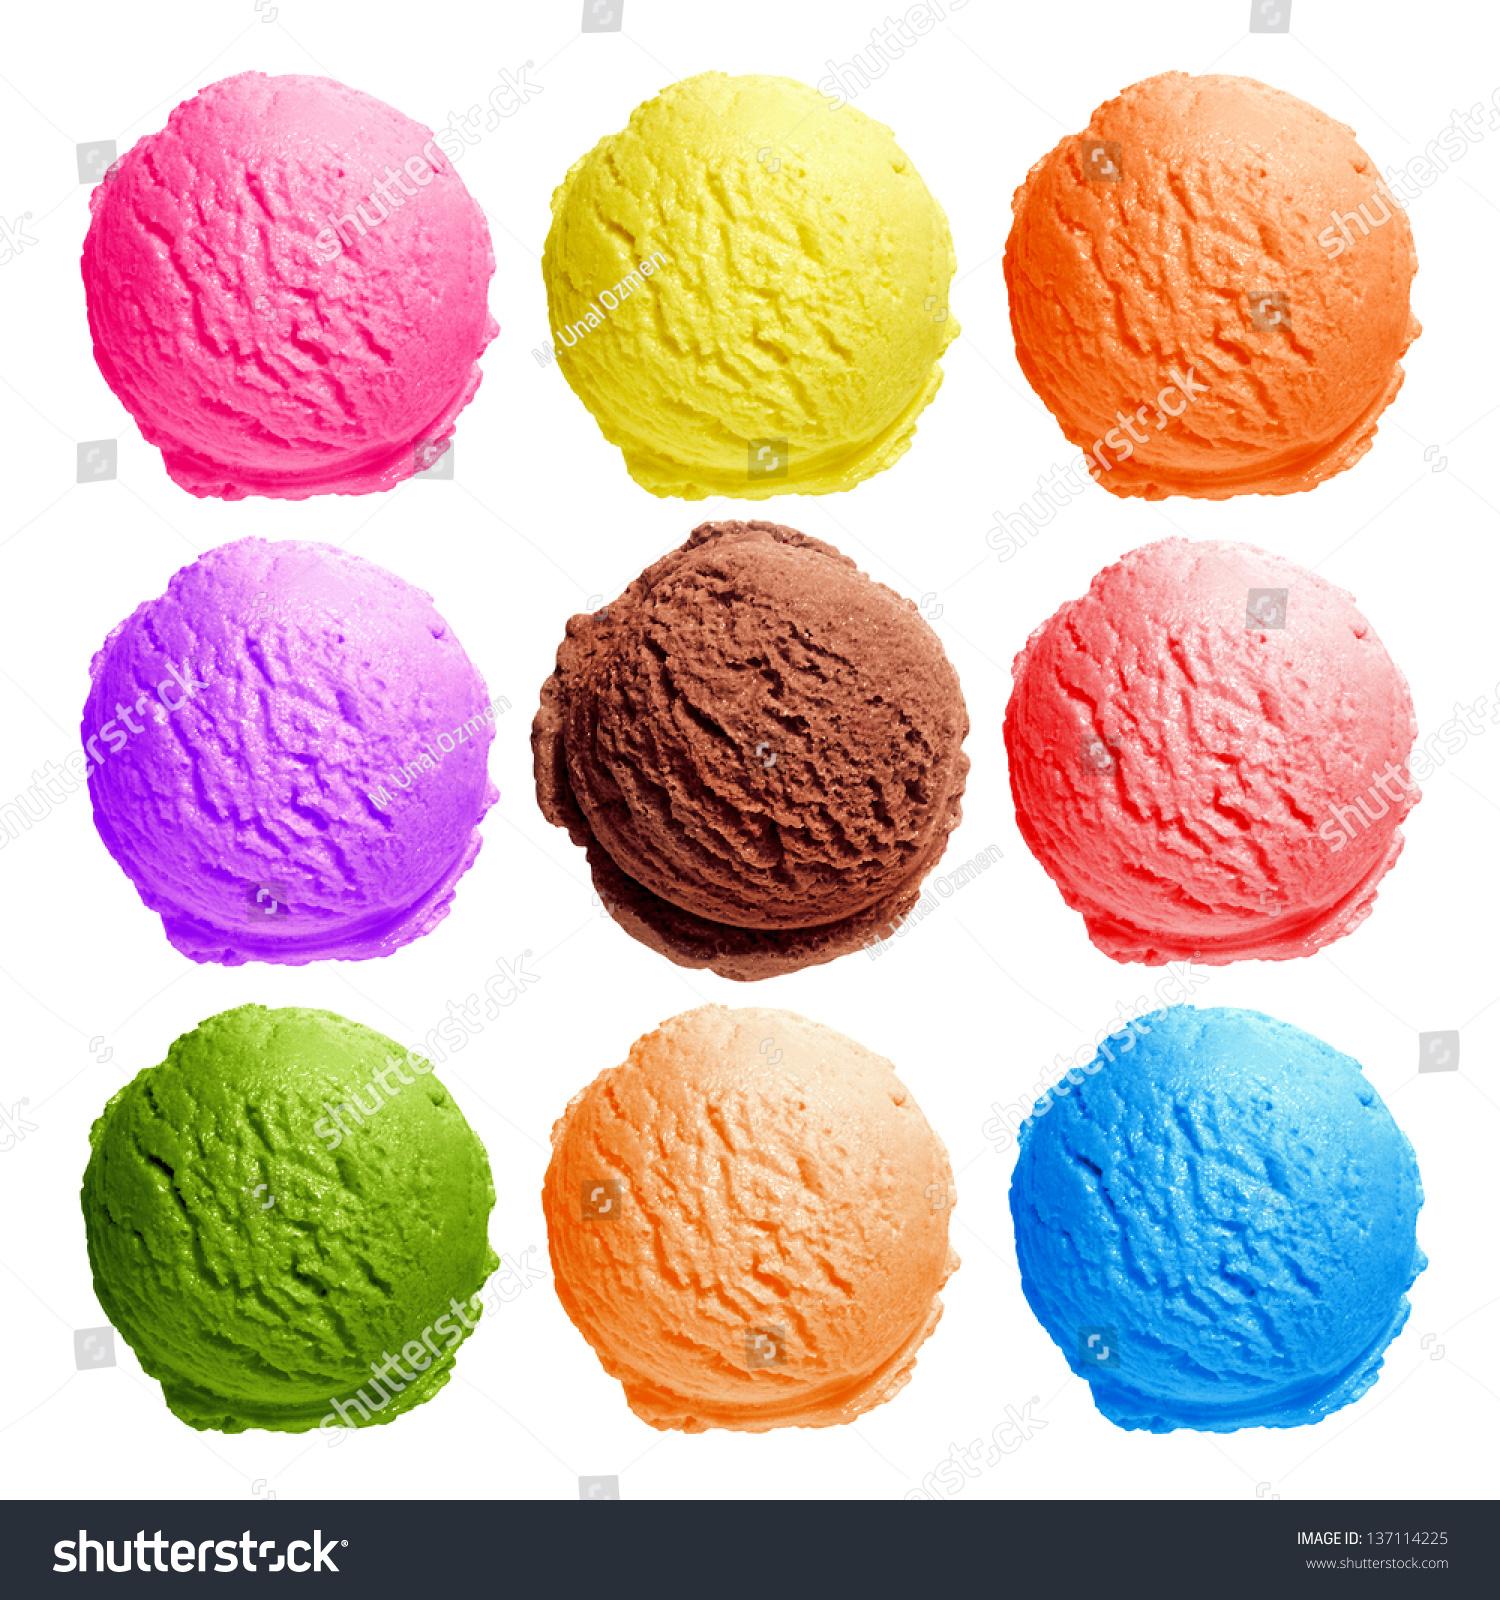 Scoop Ice Cream : Ice cream scoops top view on stock photo